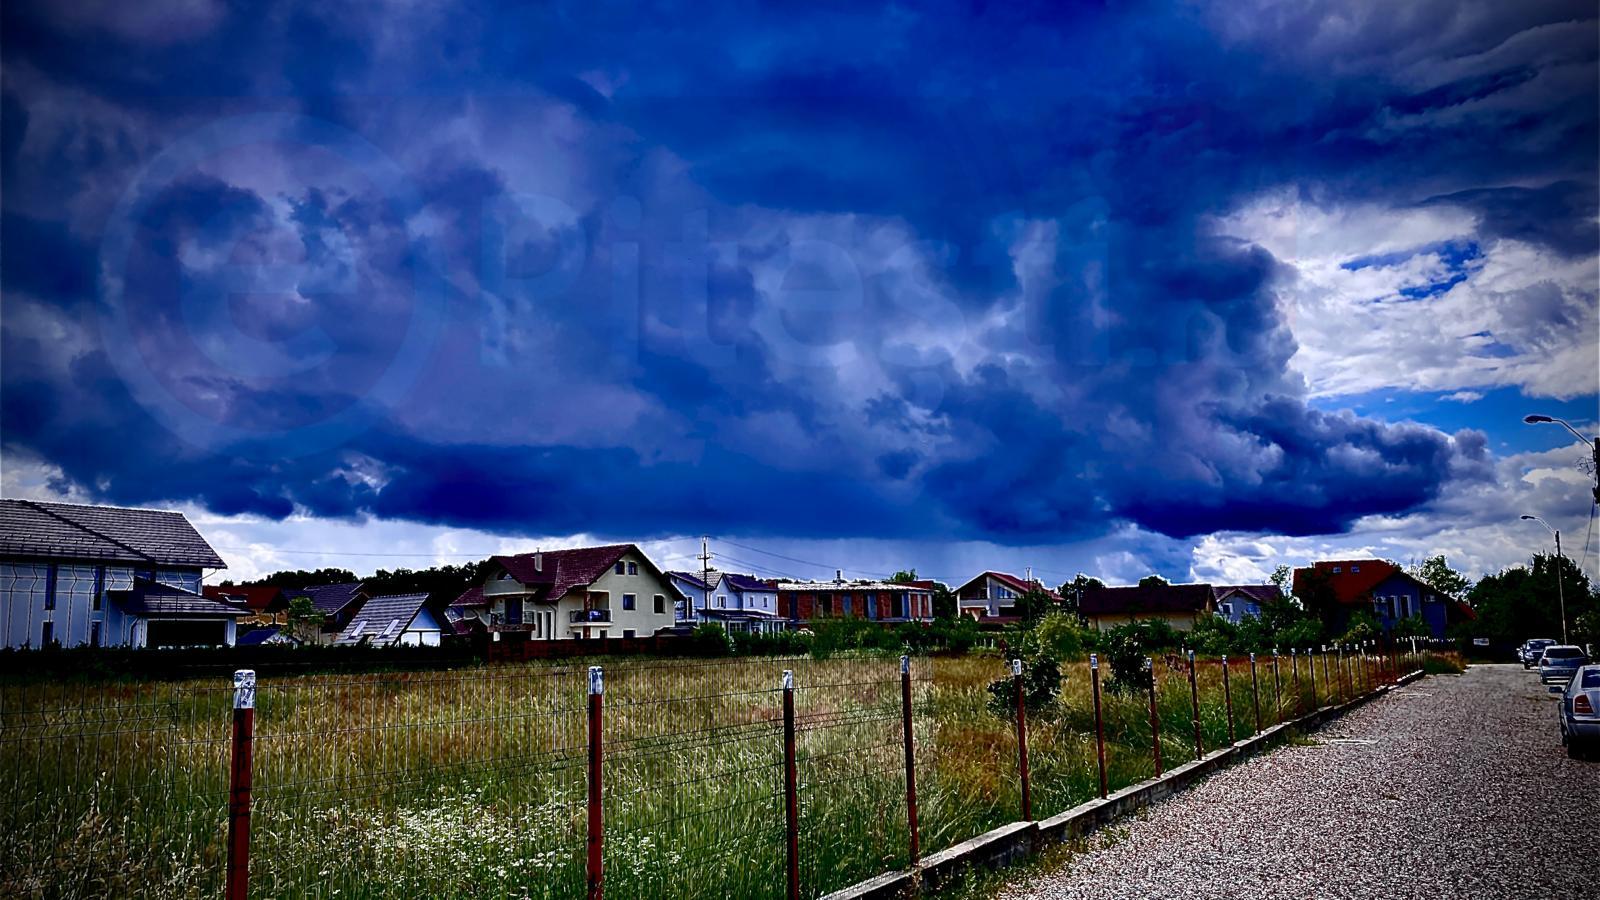 Meteorologii au emis cod portocaliu: Vijelii, grindină și ploi puternice în următoarele ore